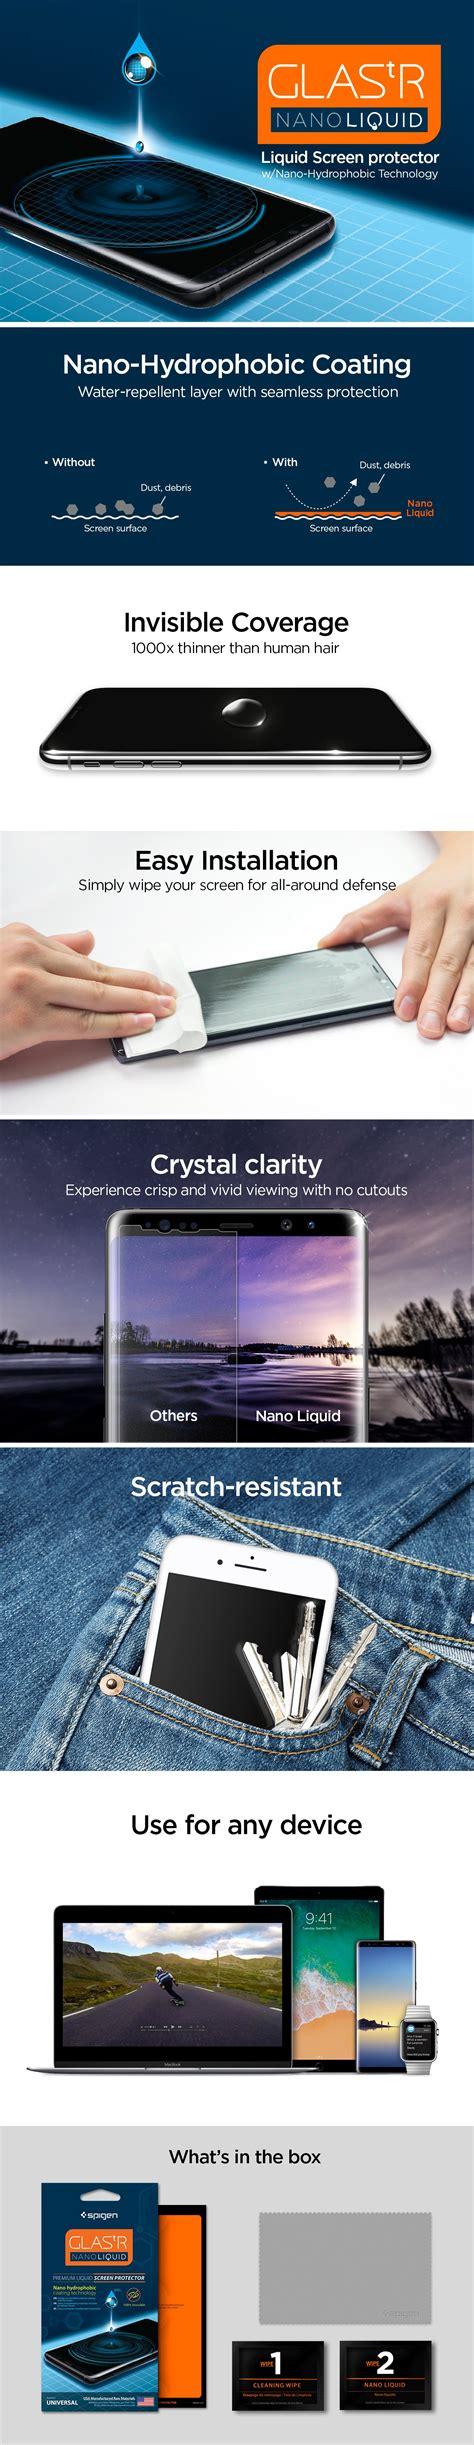 Original Spigen Screen Protector Glas Tr Nano Liquid Universal Sp screen protector glas tr nano liquid spigen inc